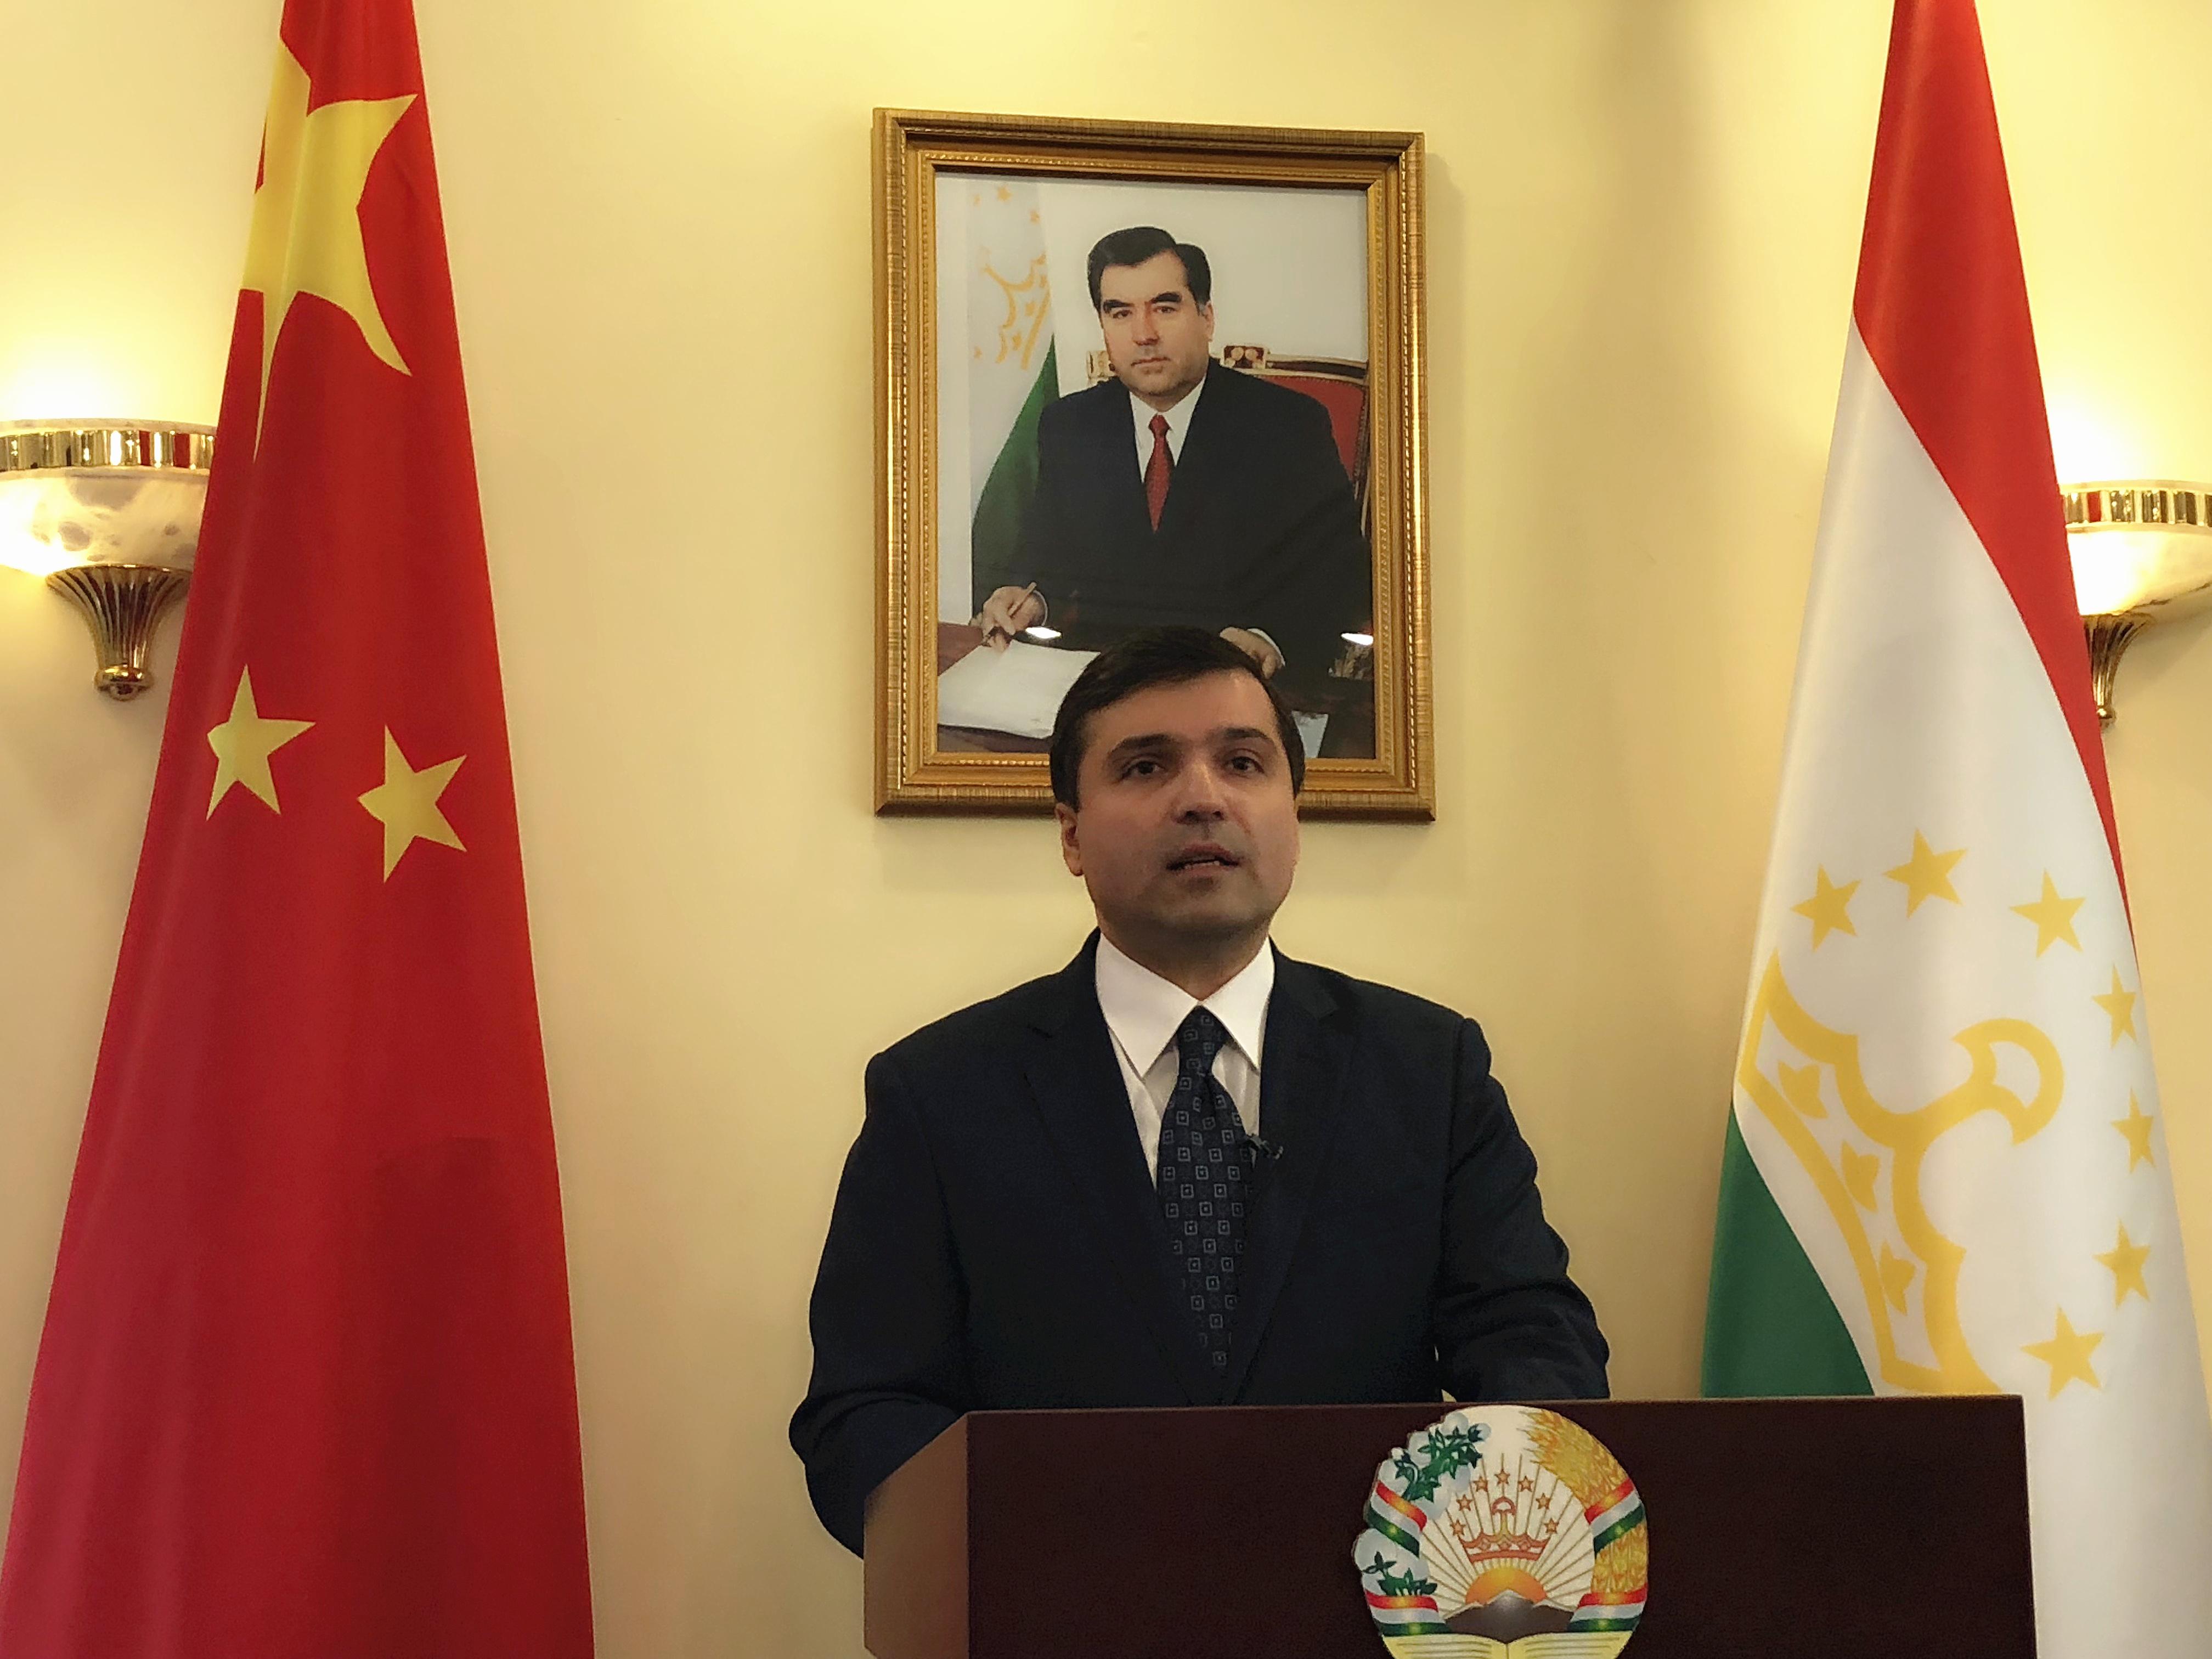 塔吉克斯坦驻华大使:塔吉克斯坦总统今年6月计划访问中国